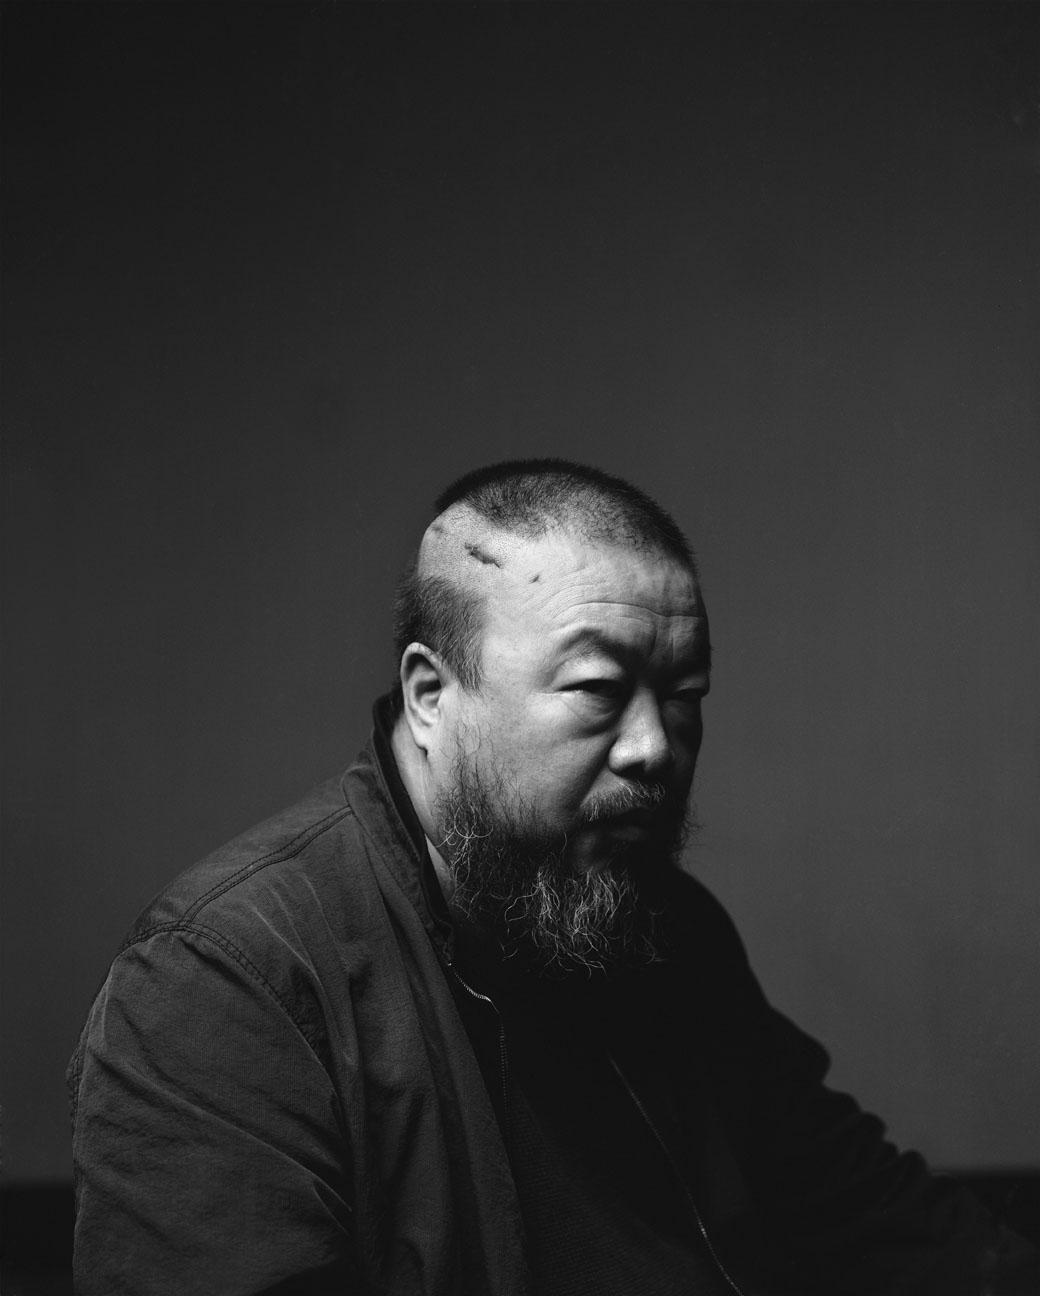 L'artiste Ai Weiwei est sorti de détention le 22 juin après 80 jours d'enfermement,  n'ayant reçu qu'une seule fois la visite de sa femme.